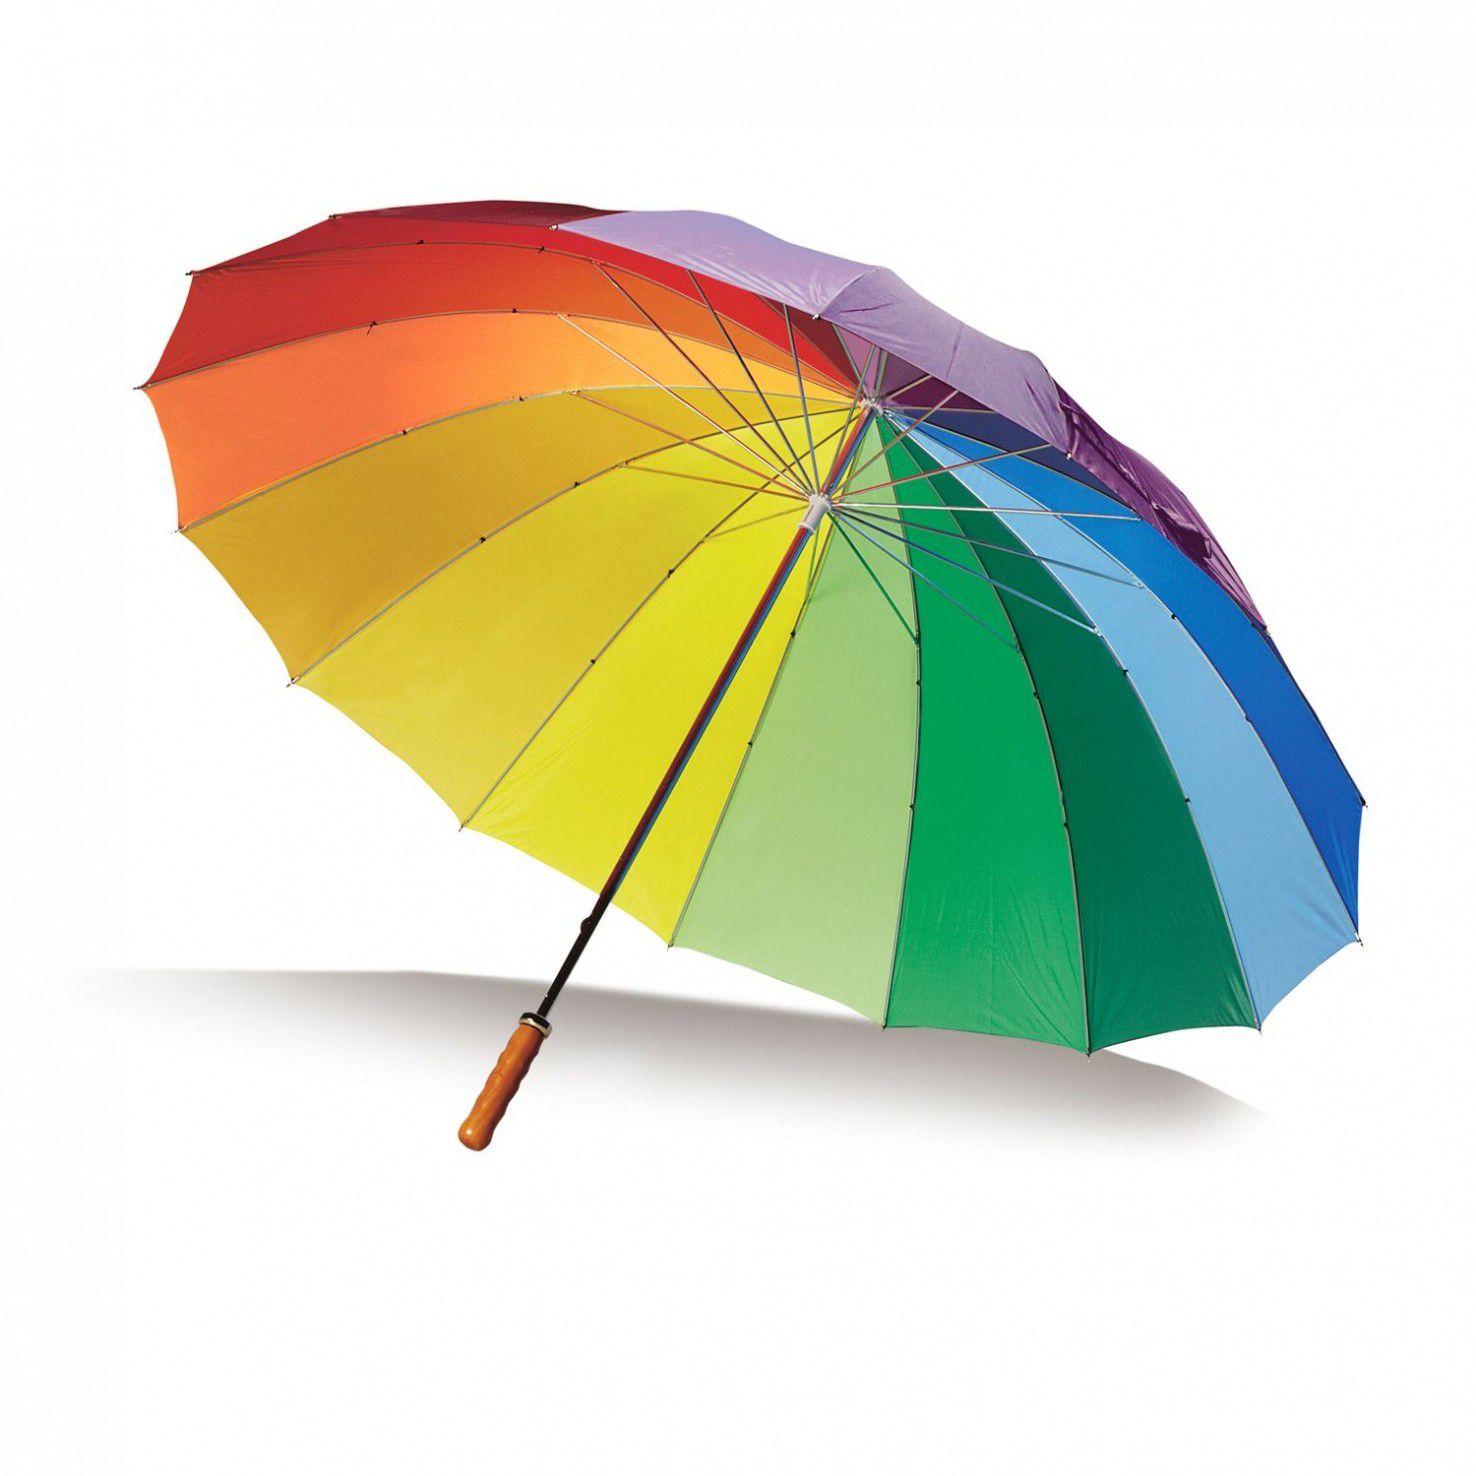 regenboog paraplu goedkoop bedrukken met logo vanaf 25